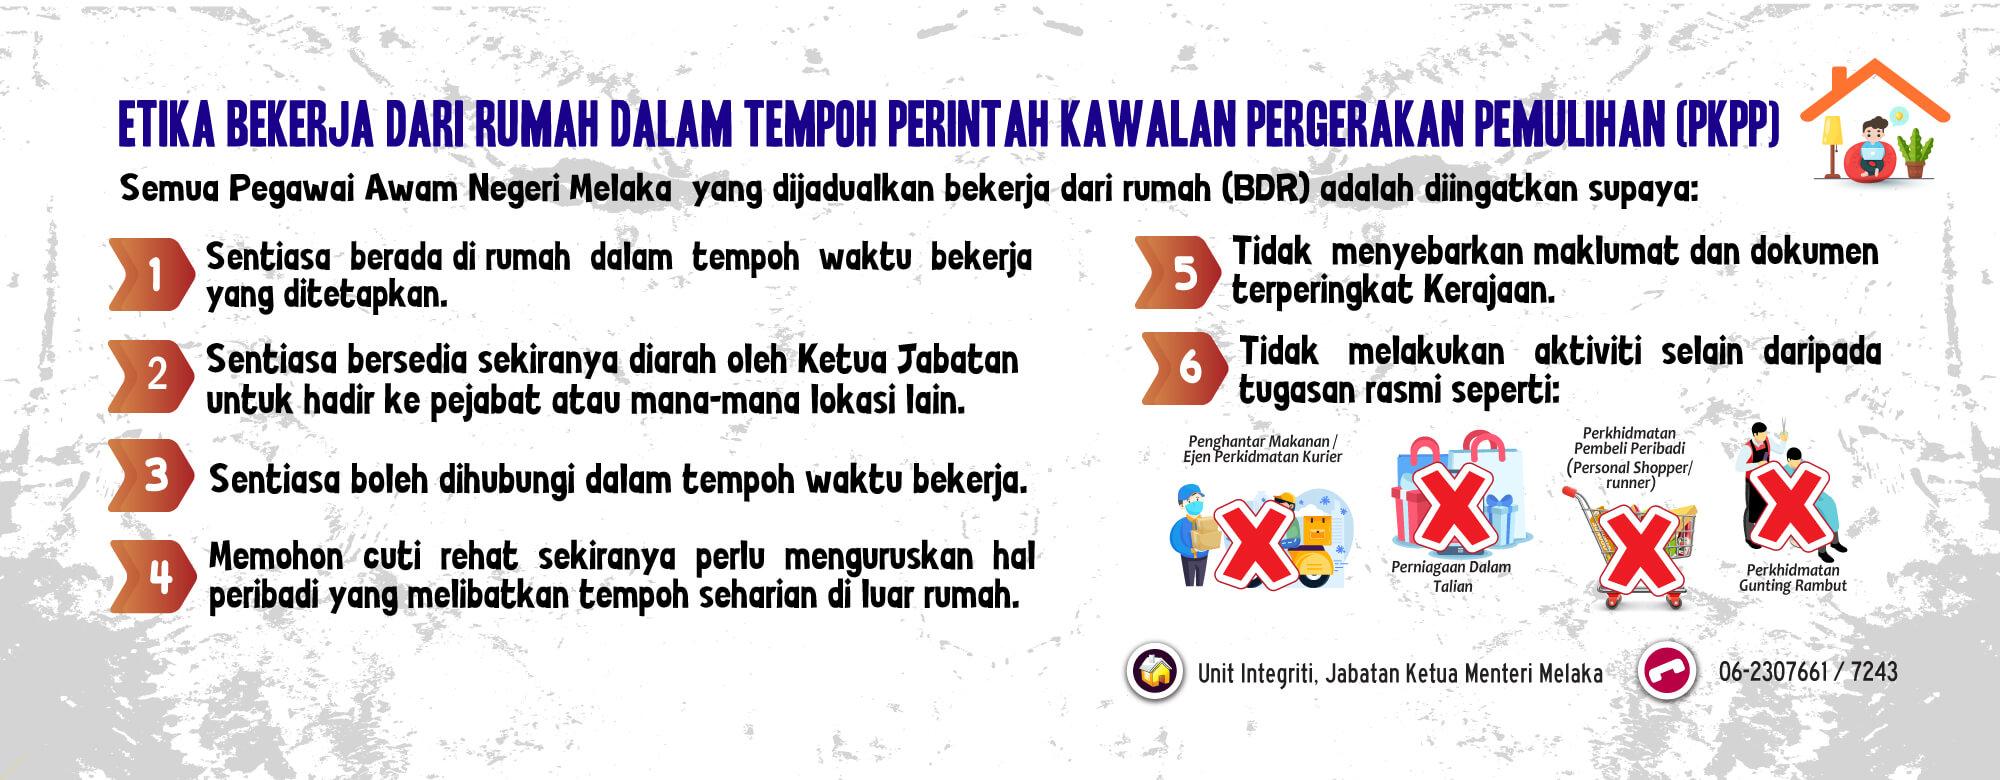 integriti_etika_bekerjadarirumah_pkpp_2020